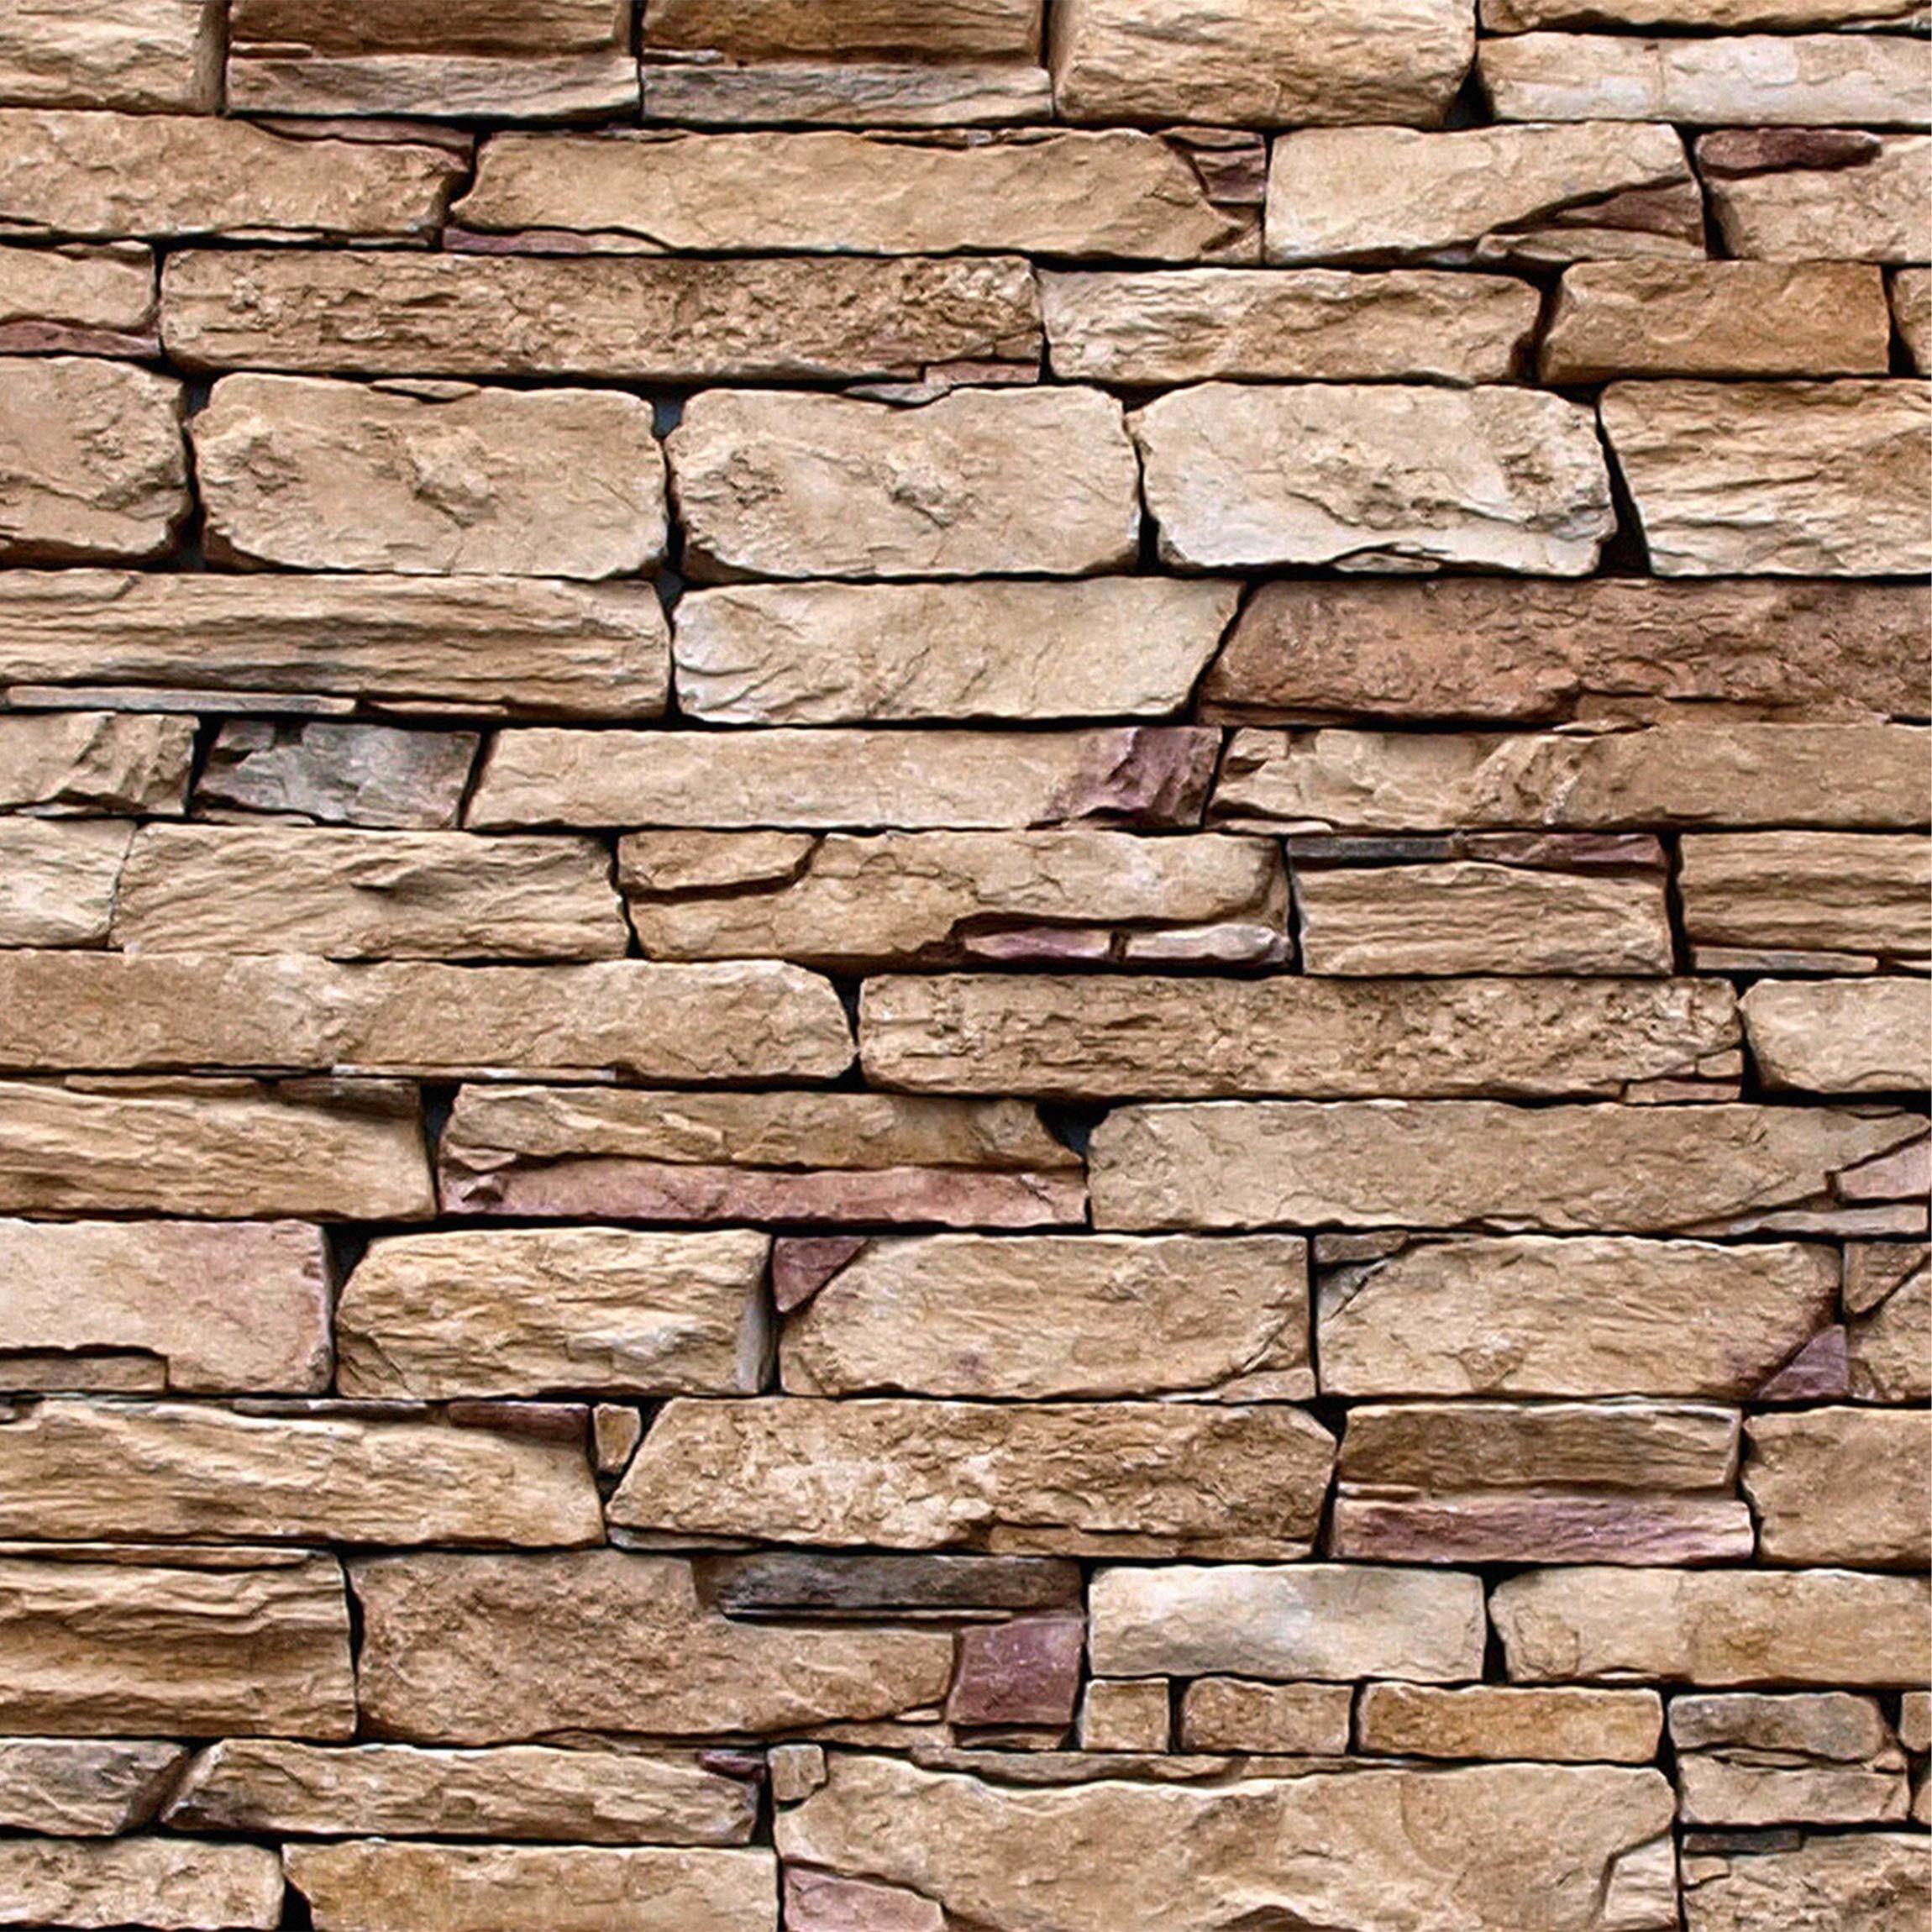 klebefolie steinoptik crete stonewall dekorfolie